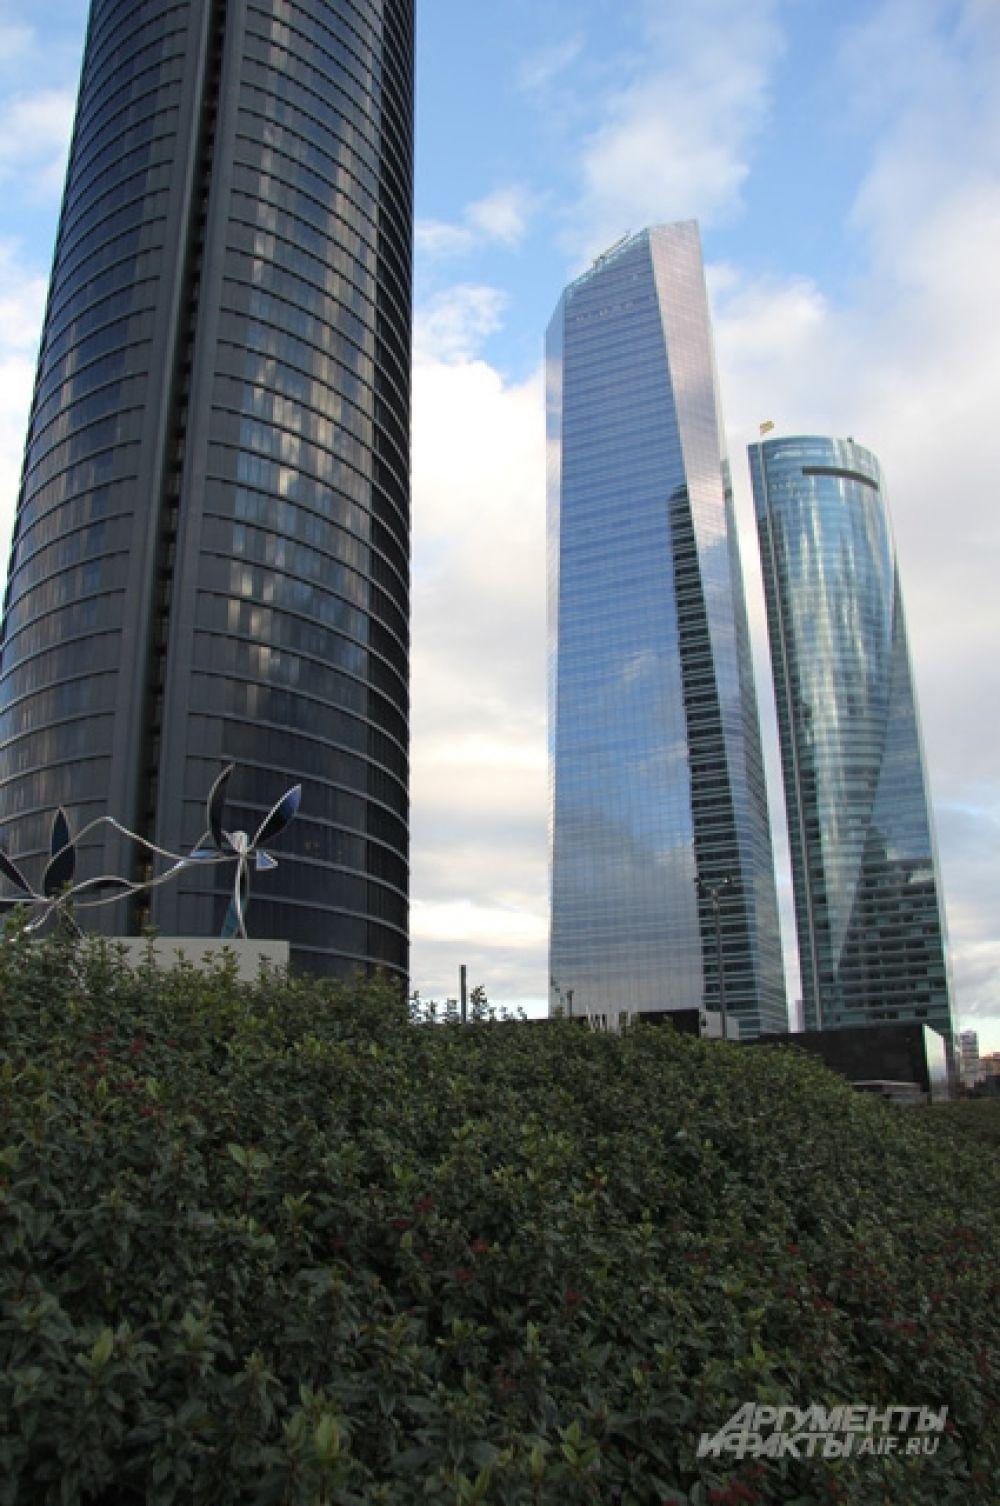 Мадридский сити - это всего 4 небоскрёба.